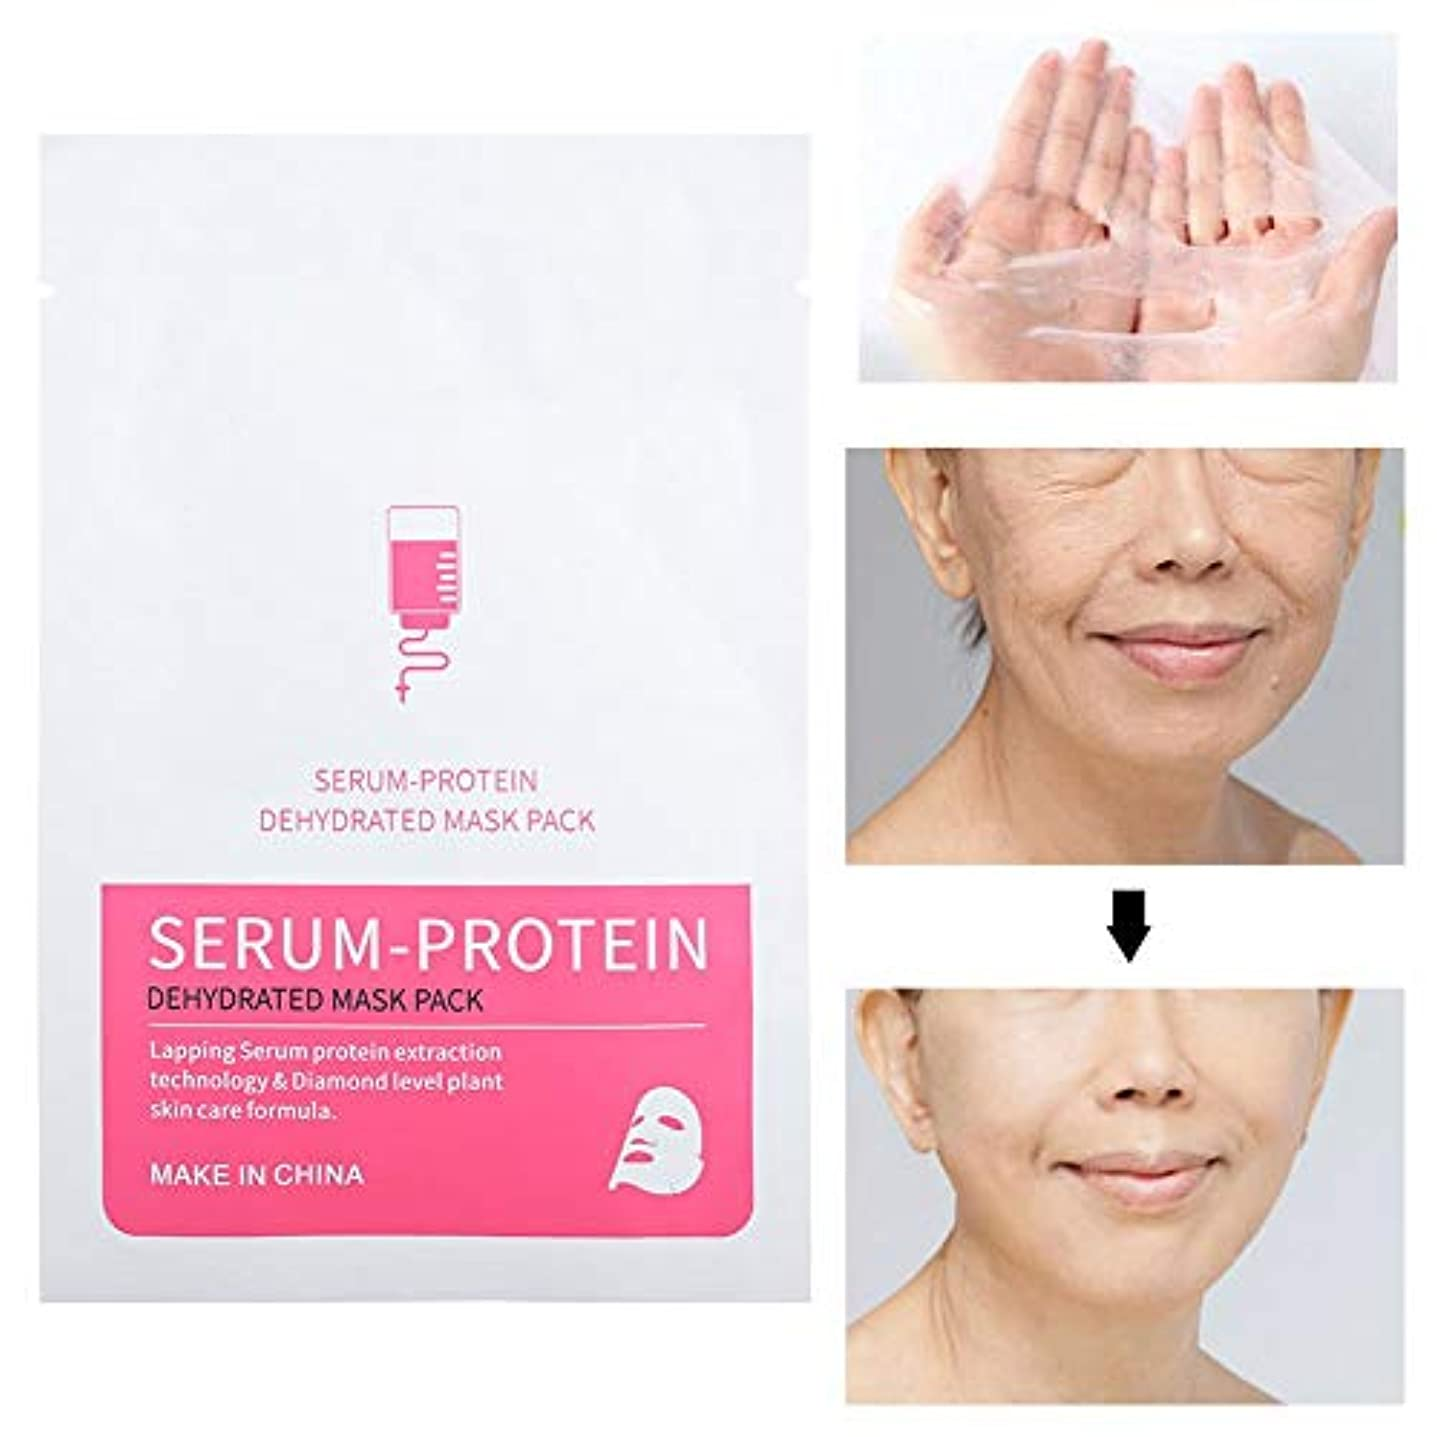 プログラムキャンドル貞3.5g血清蛋白質のマスク、凍結乾燥させた粉のマスクをしっかり止める反しわの収縮の気孔